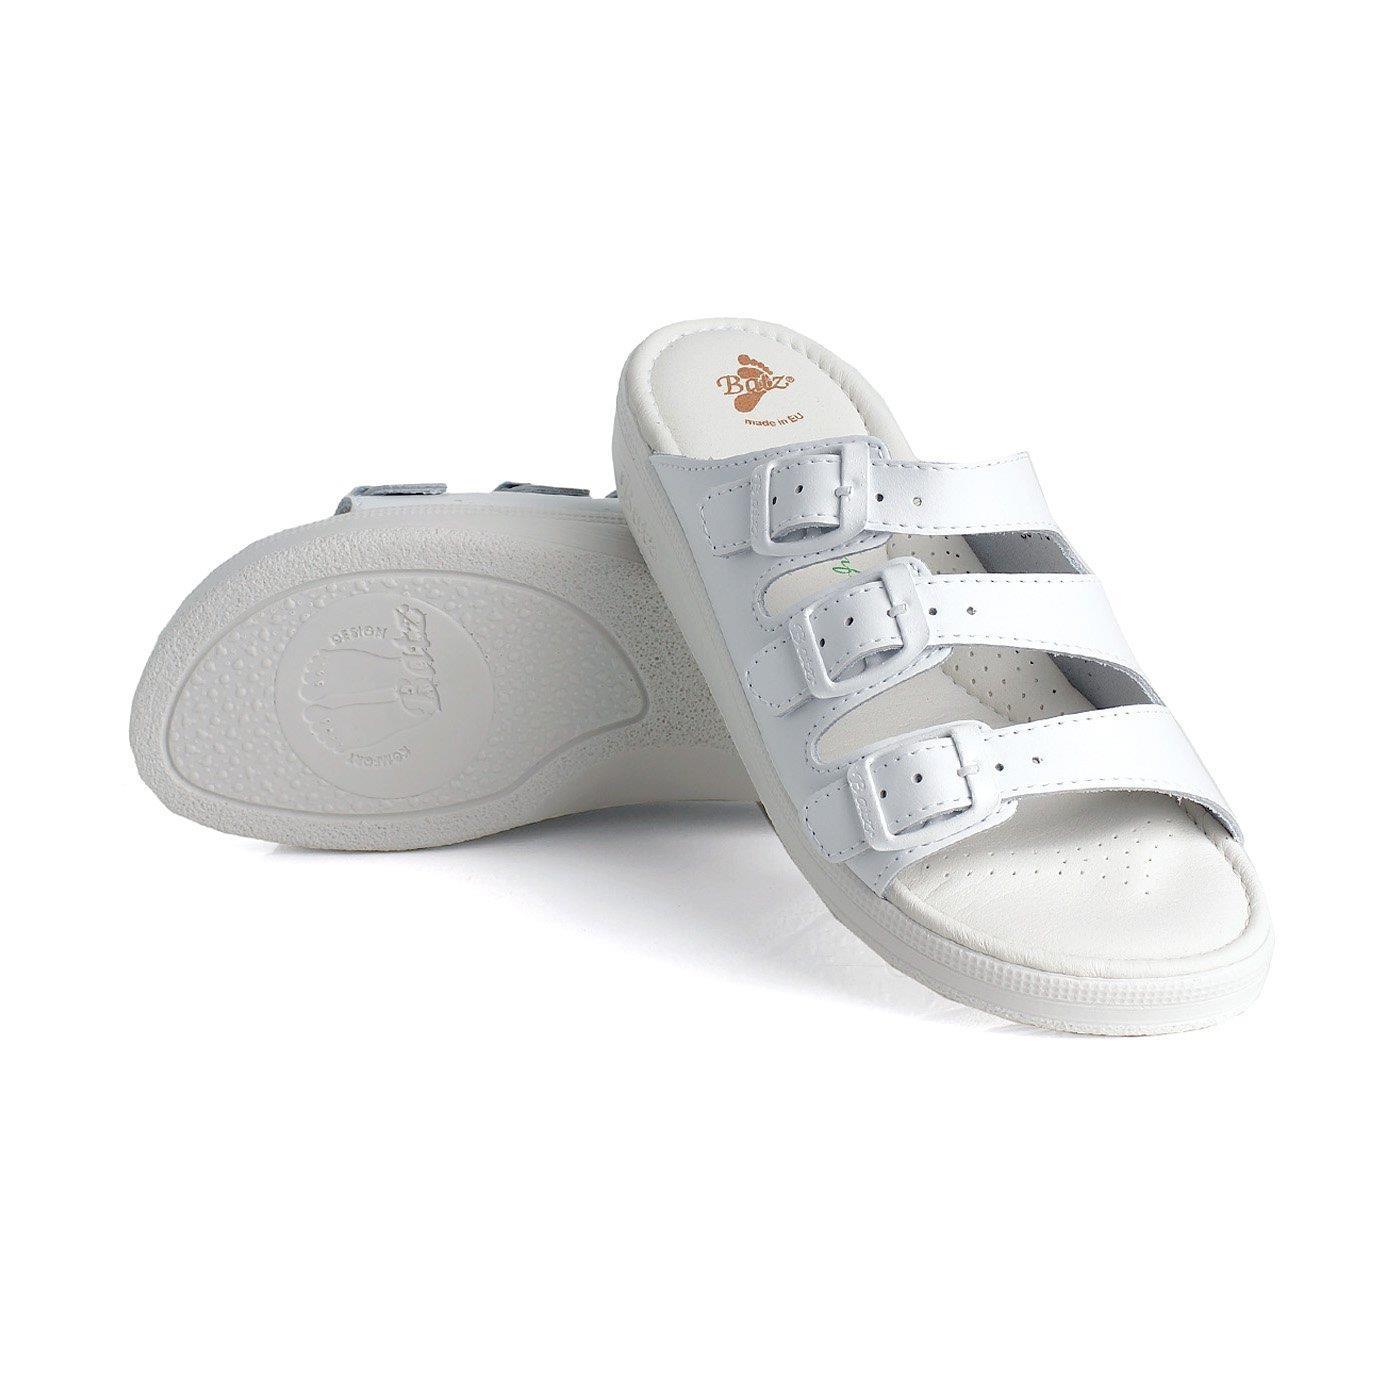 Batz* *Batz dámské zdravotní pantofle 3BCS White 41 41